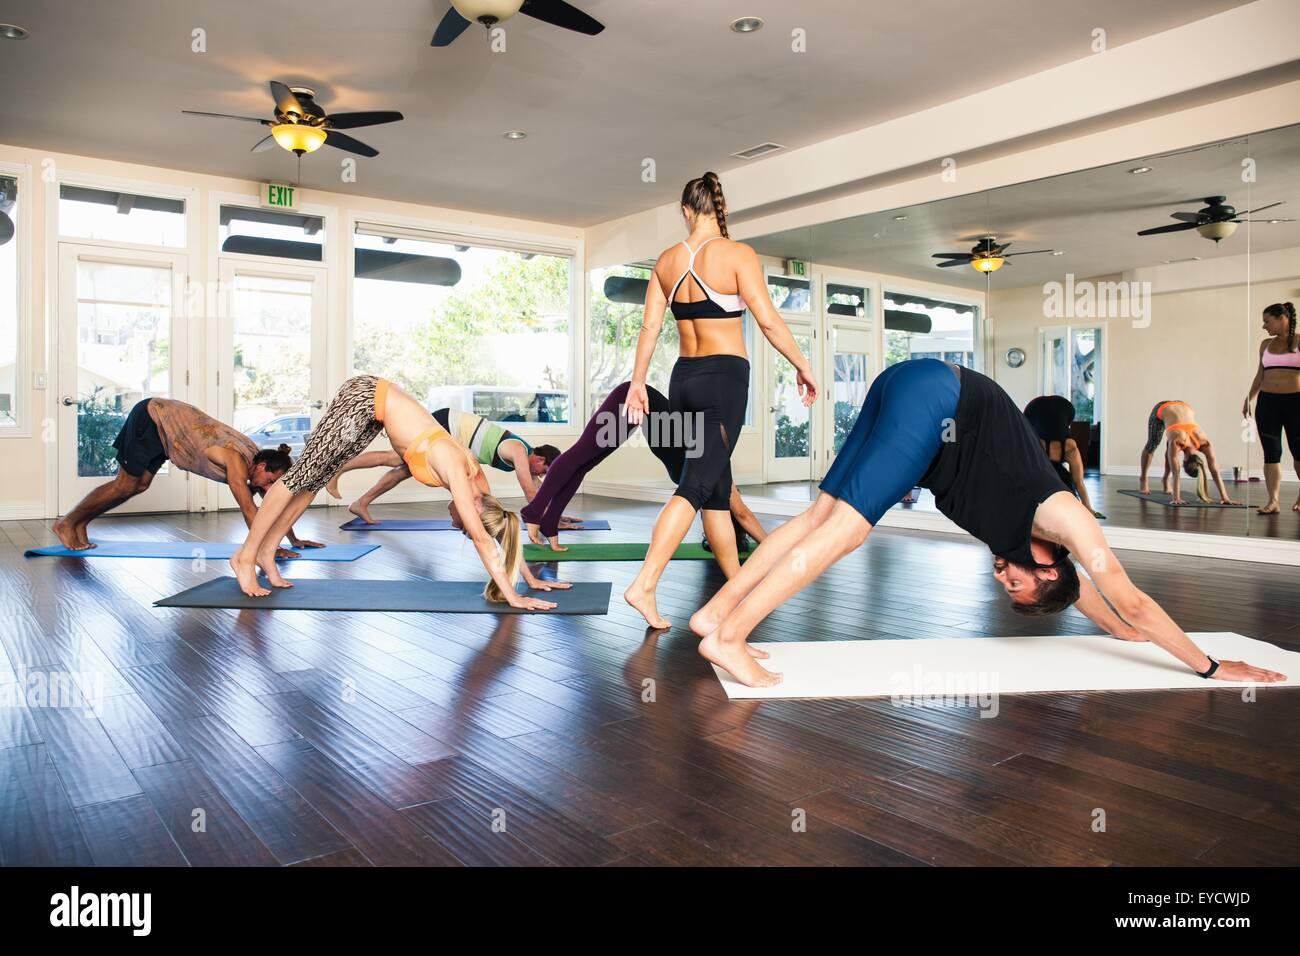 Yoga-Lehrer in der Klasse mit Menschen unten Hund Position Stockbild